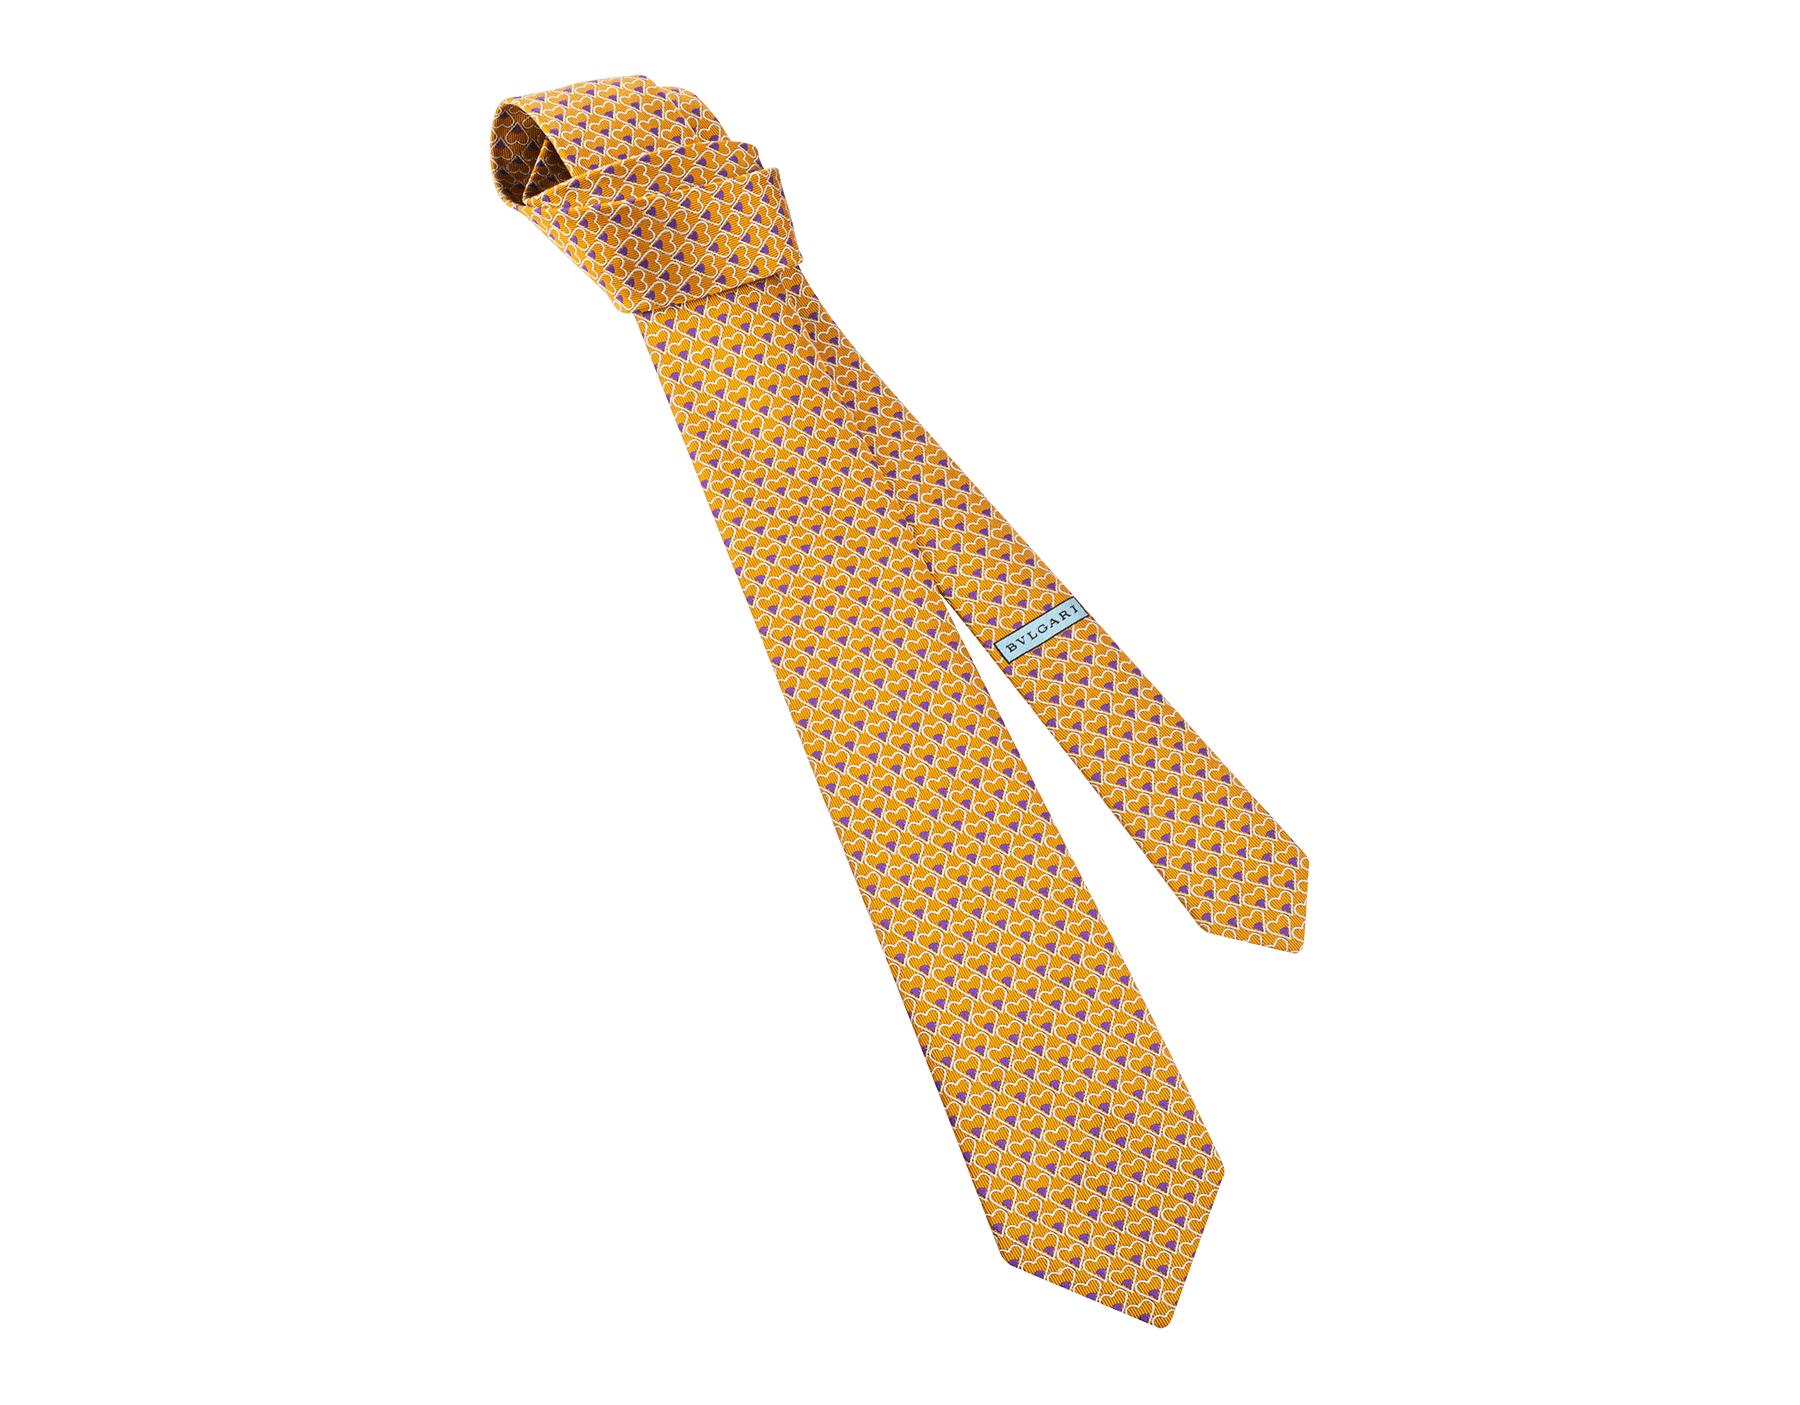 マンダリンオレンジのディーヴァ ハート セブンフォールドネクタイ。上質なジャカードシルク製。 244404 image 1